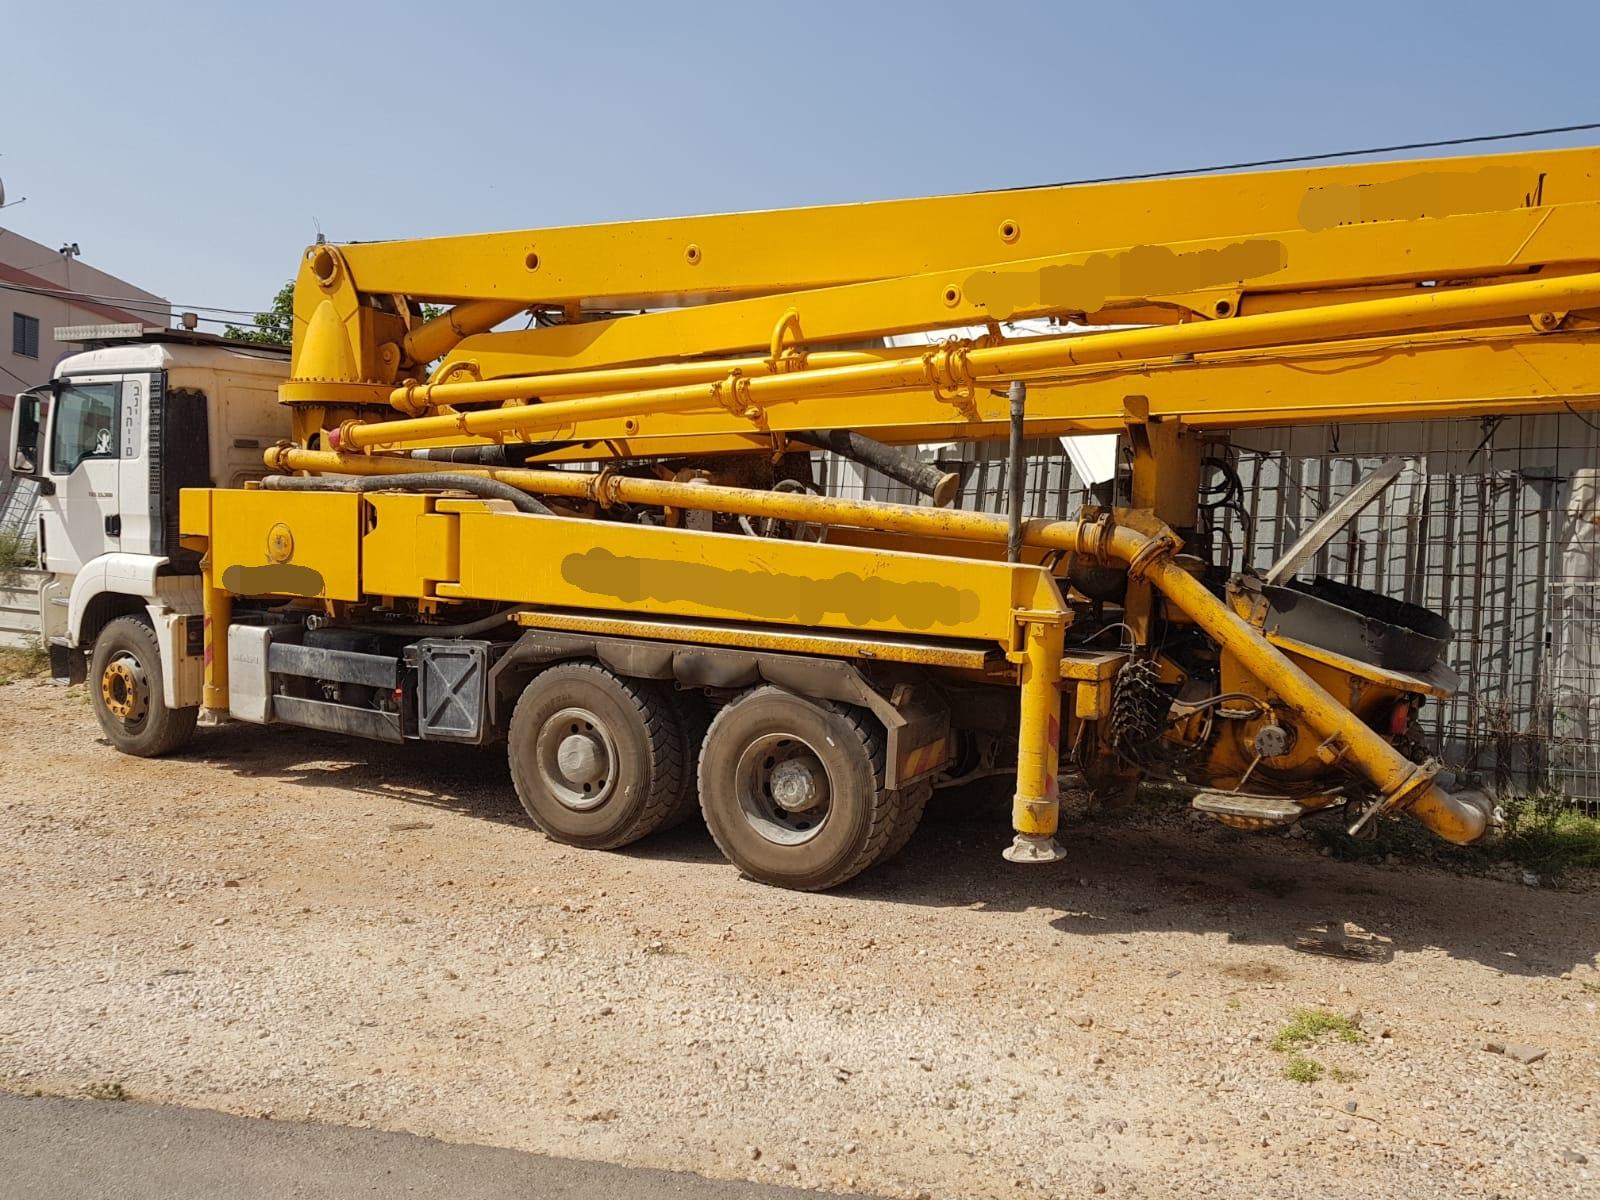 משאית בטון ללא ברקסים – 21 רכבים הורדו מהכביש במבצע בטובא